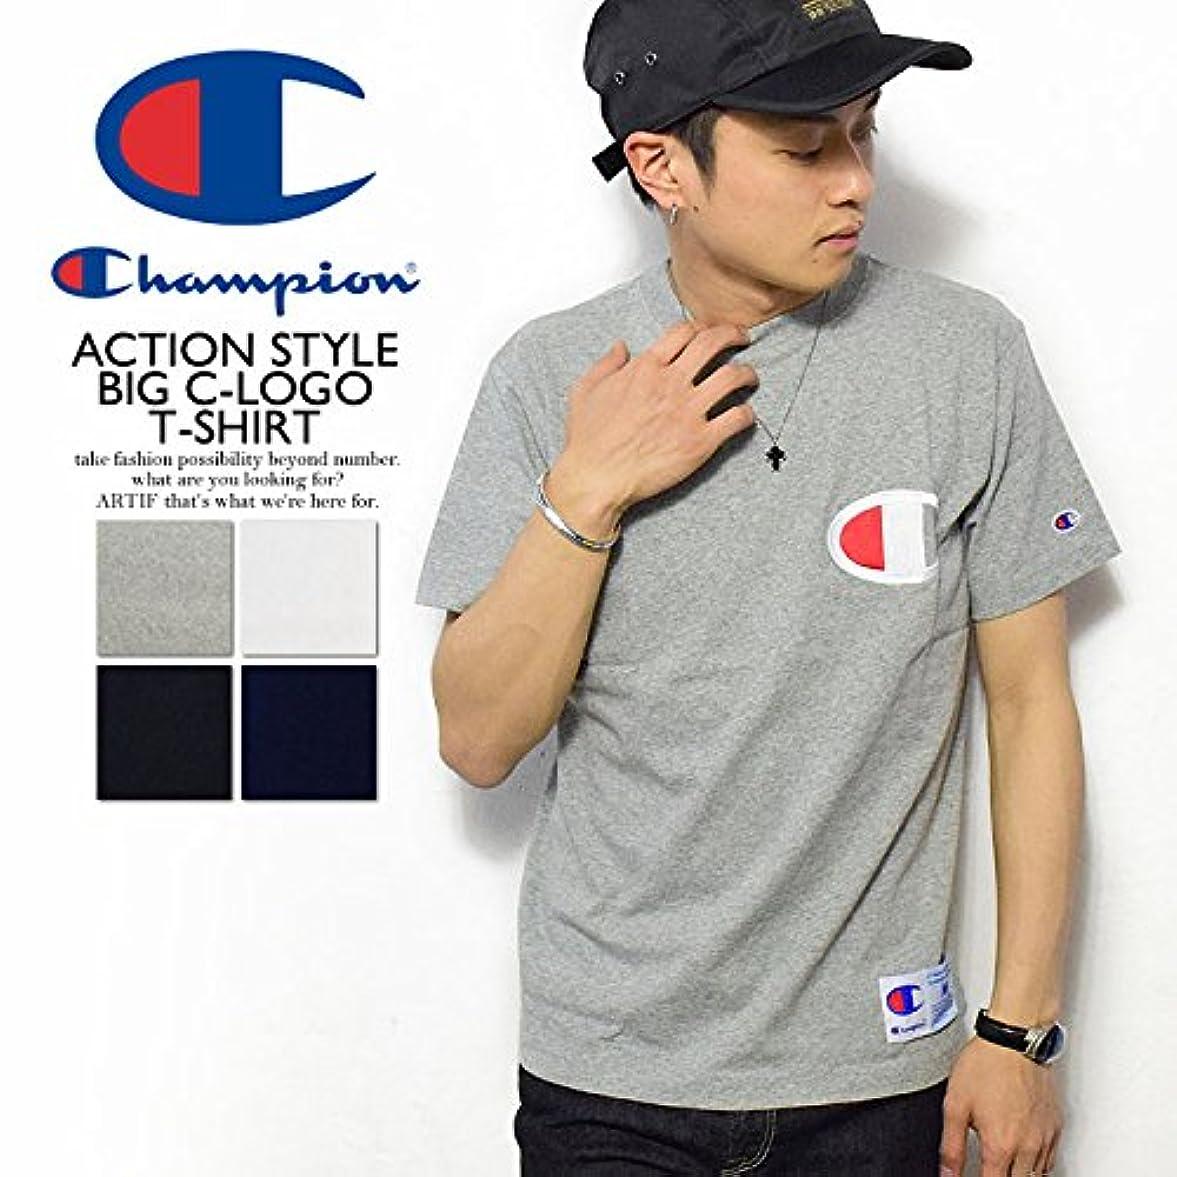 盲信チームクラウン(チャンピオン)CHAMPION ACTION STYLE BIG-C LOGO T-SHIRT c3-f362